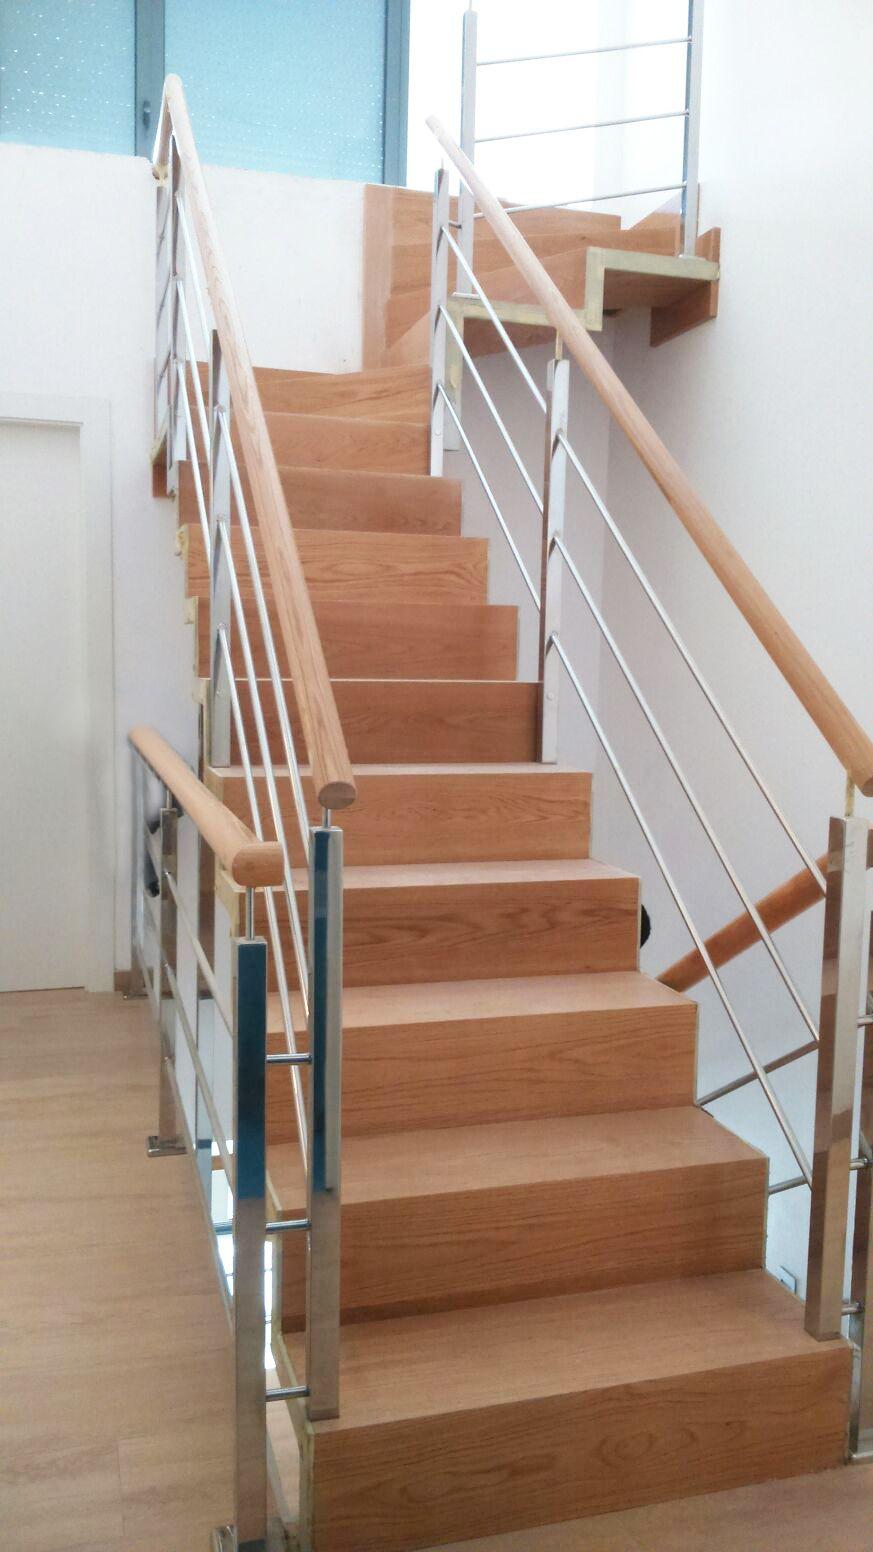 Escalera Met Lica Con Pelda Os De Madera De Roble Y Barandillas De  ~ Escaleras Prefabricadas De Madera